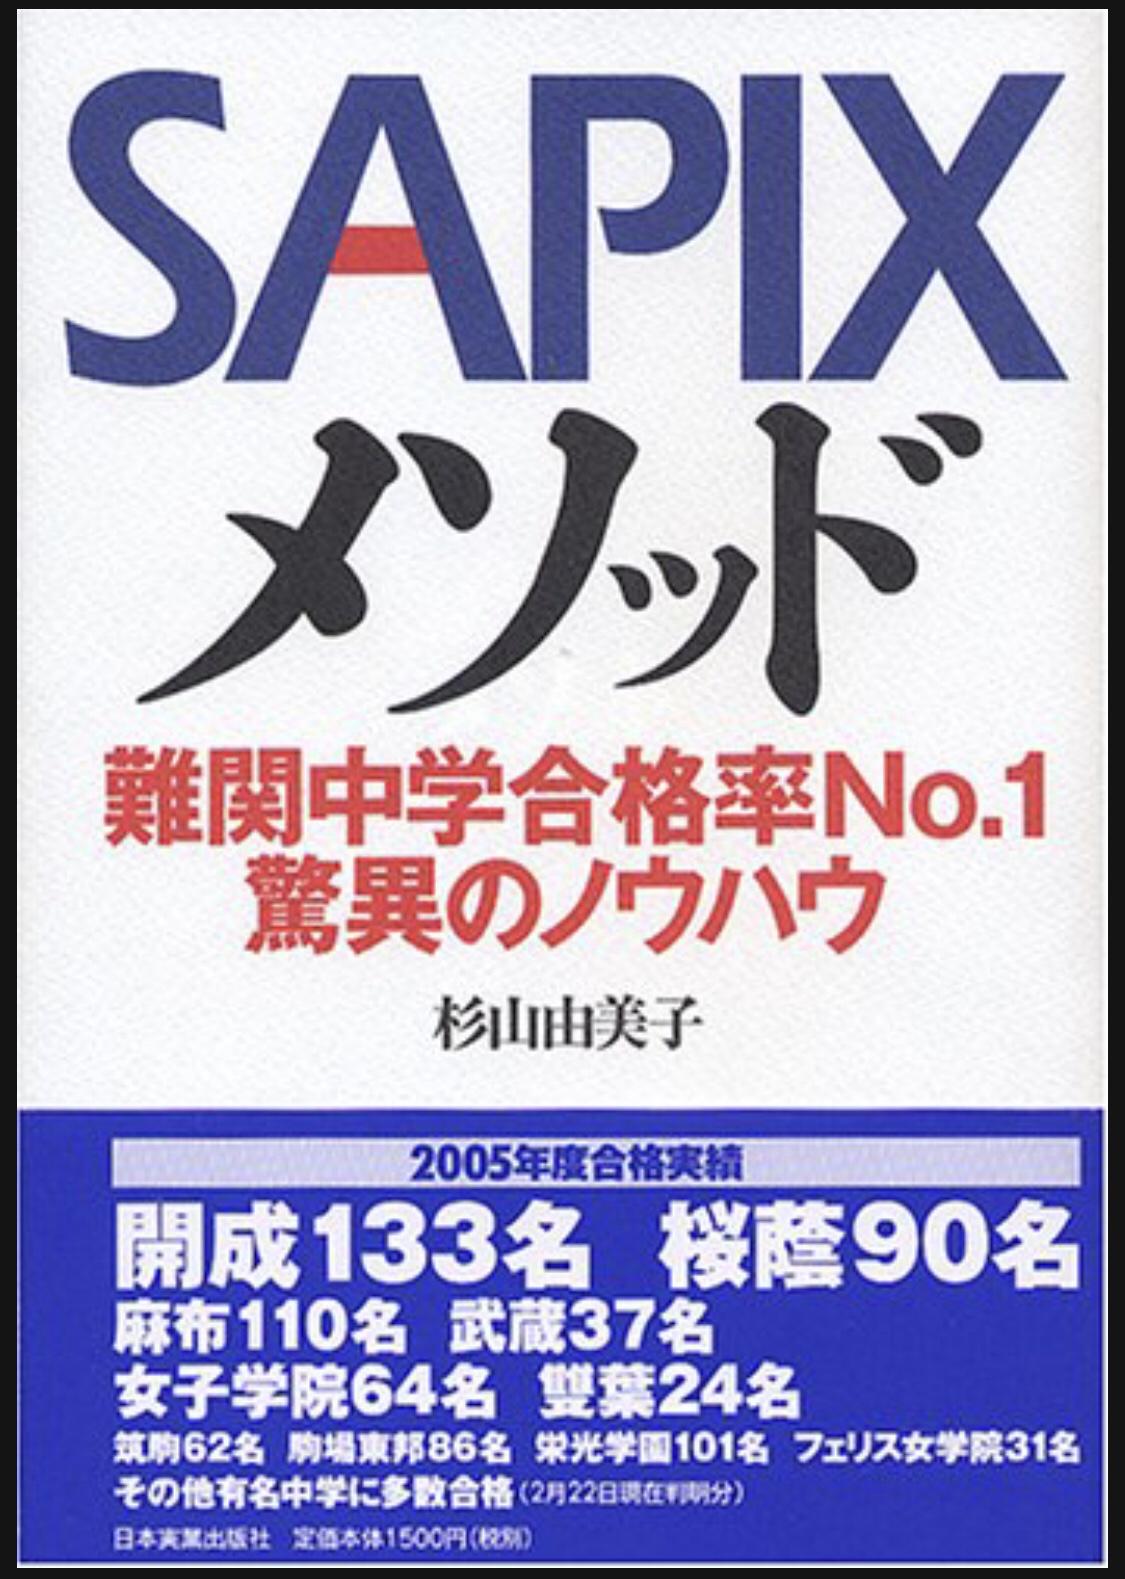 <書籍を知る>『SAPIXメソッド』杉山 由美子